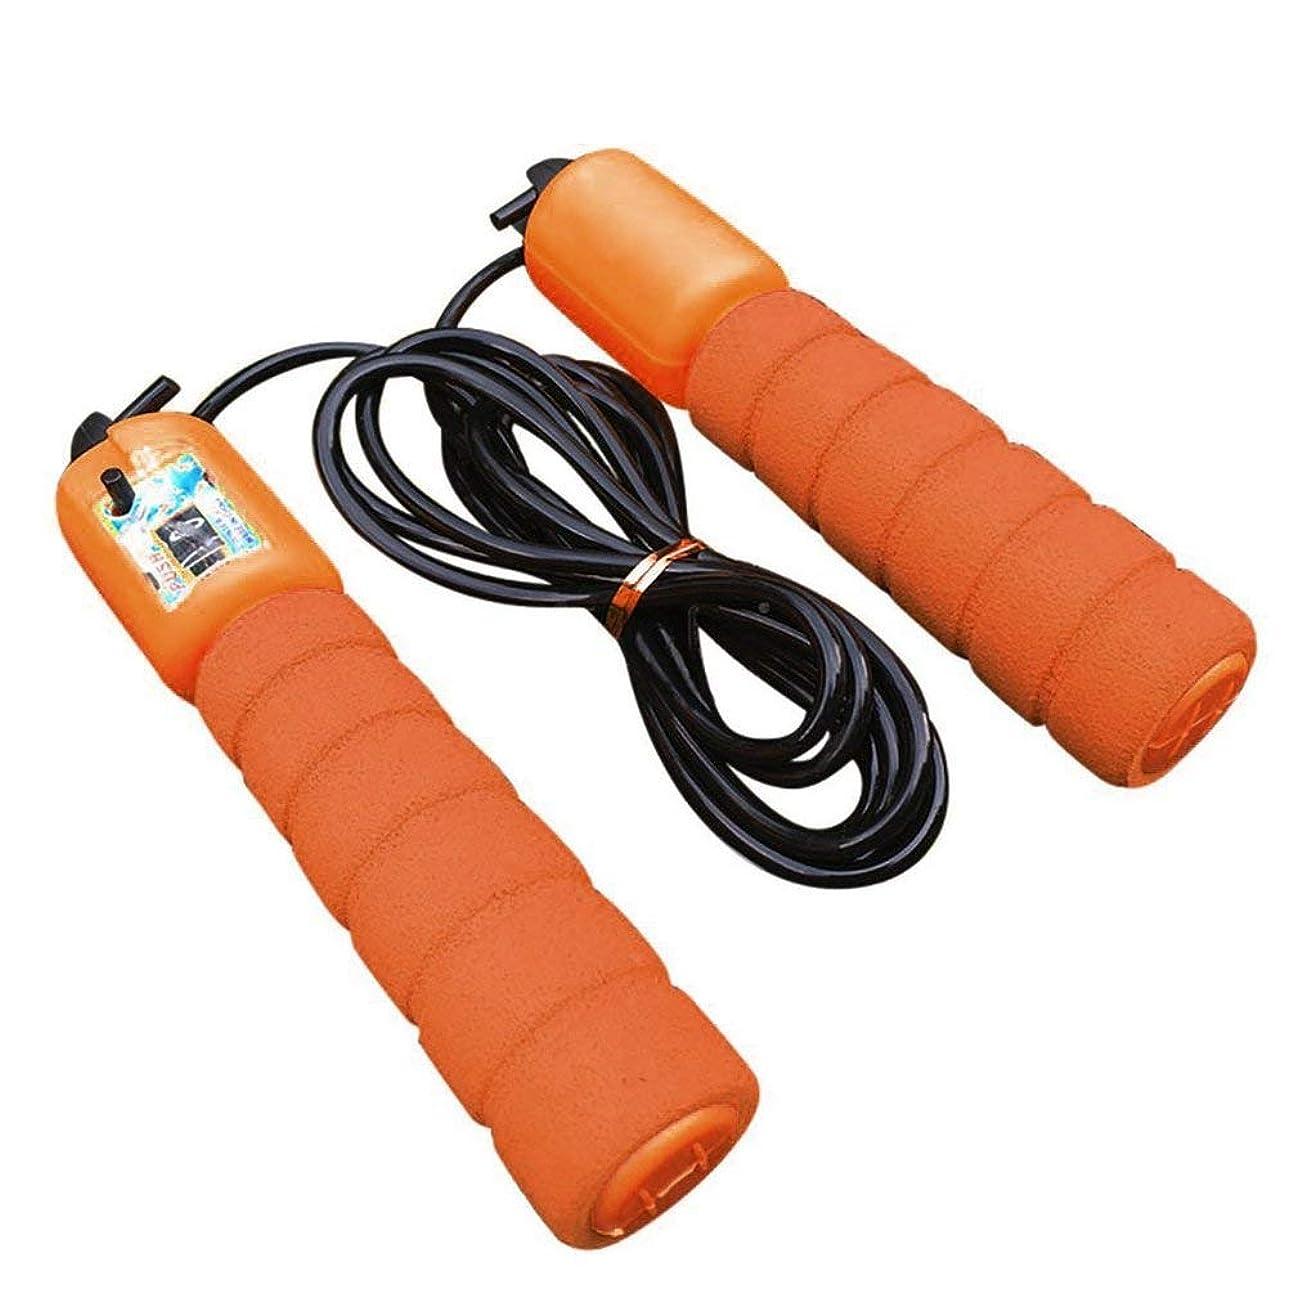 有能な気づくチーフ調整可能なプロフェッショナルカウントスキップロープ自動カウントジャンプロープフィットネスエクササイズ高速スピードカウントジャンプロープ-オレンジ